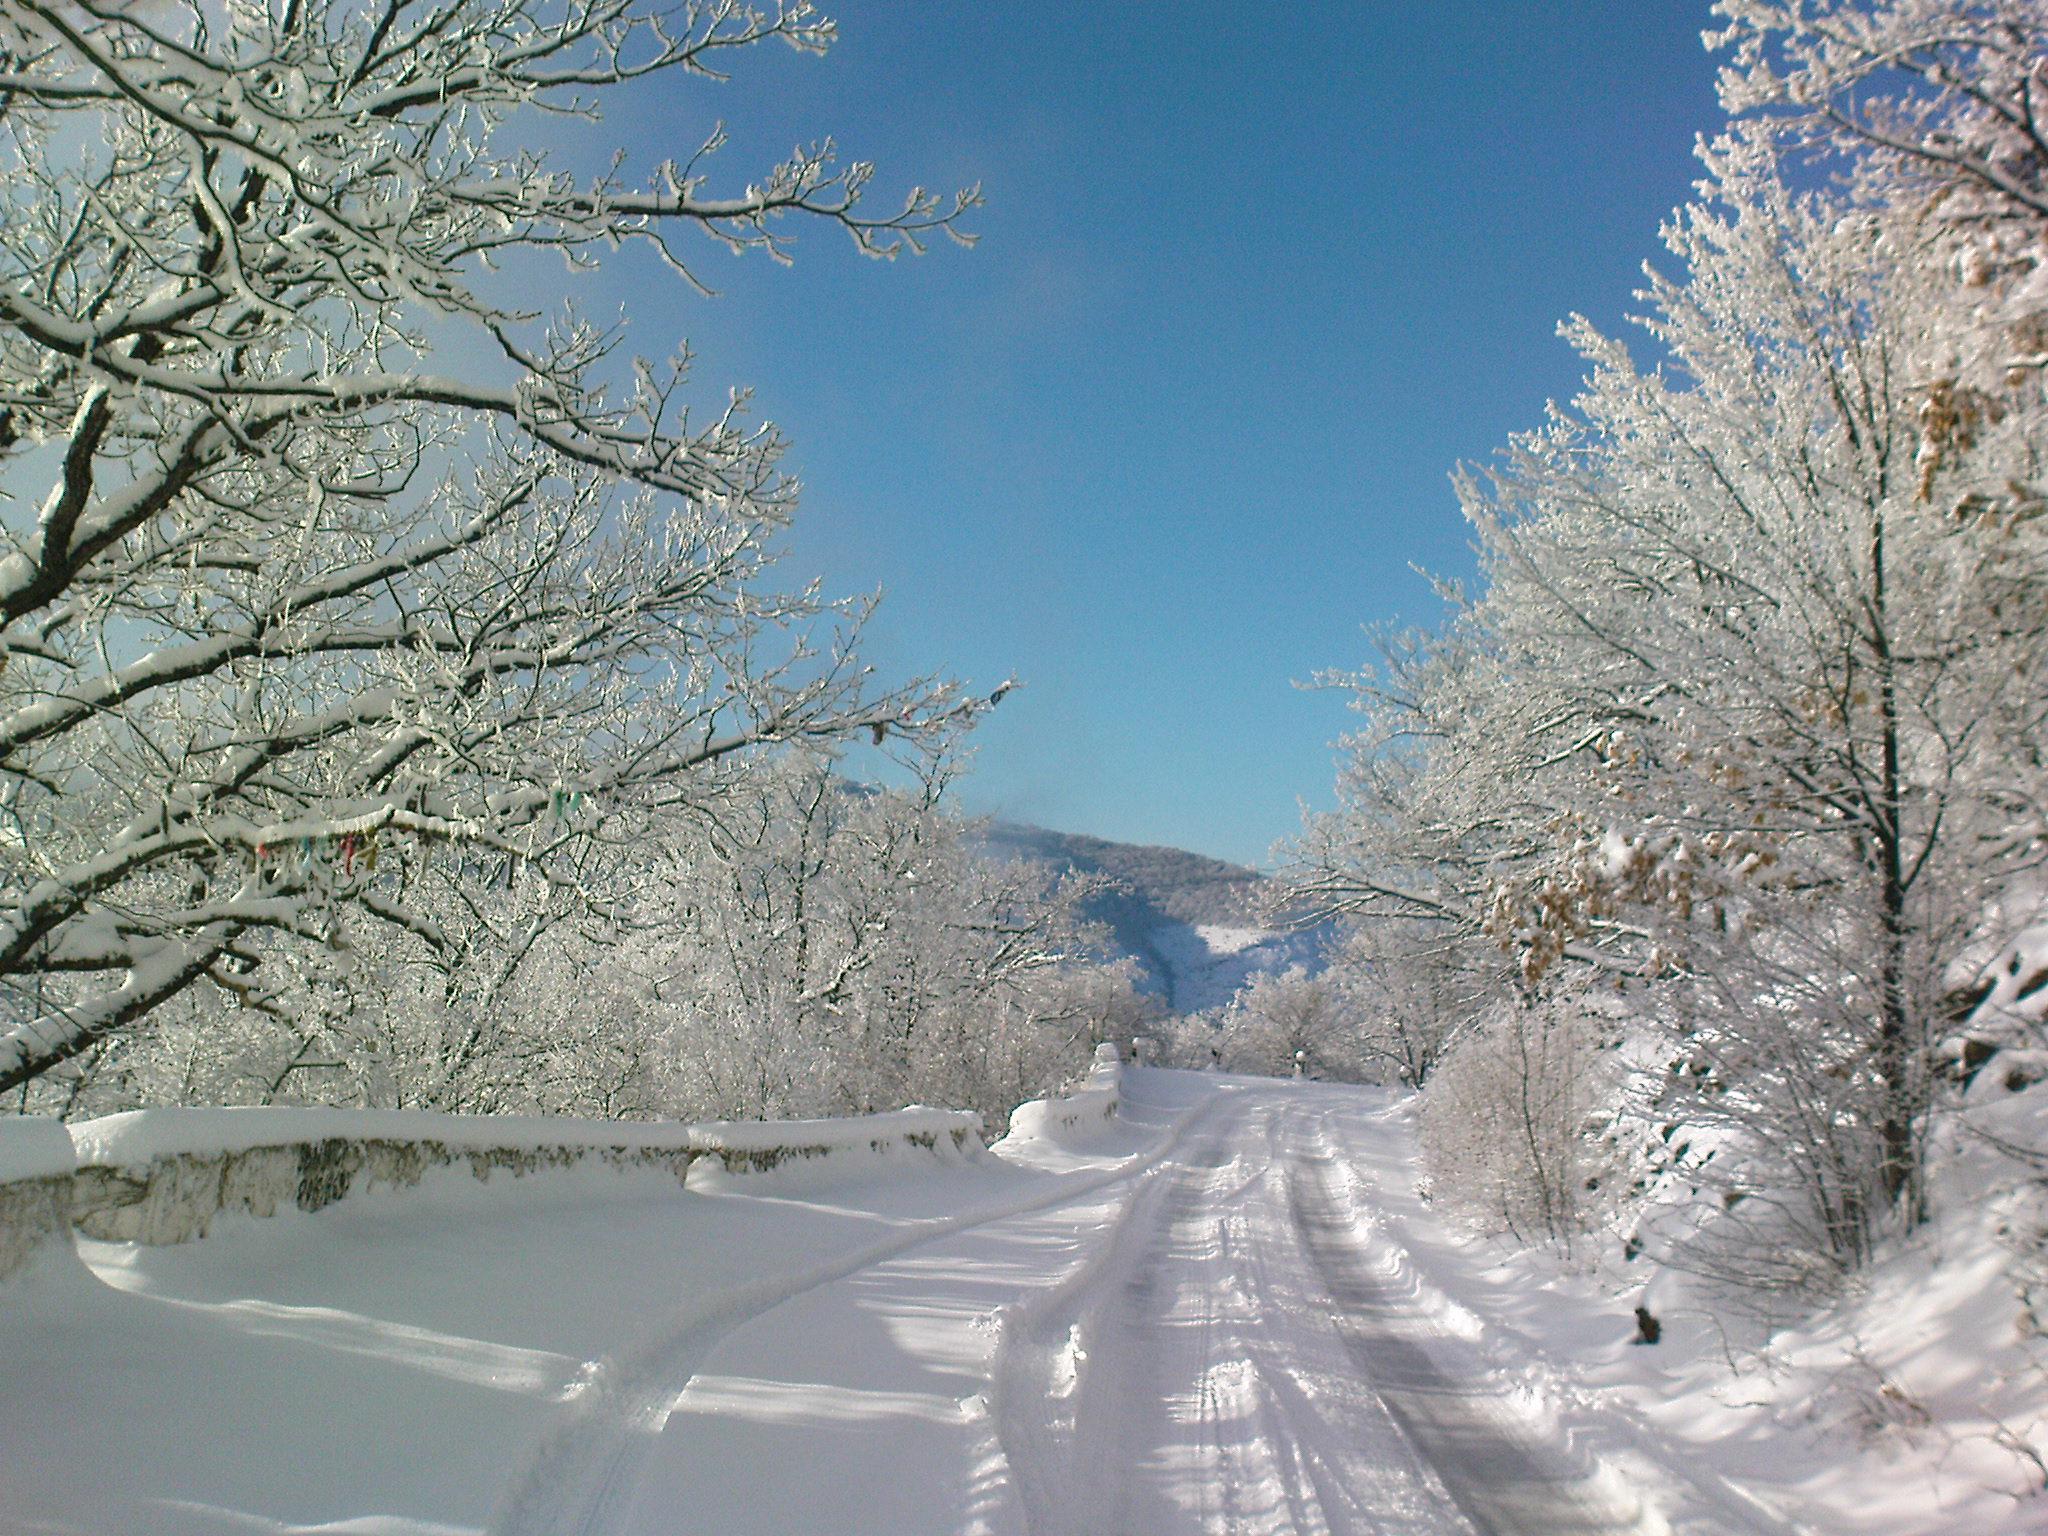 МЧС напоминает об ухудшении погодных условий 12-13 февраля